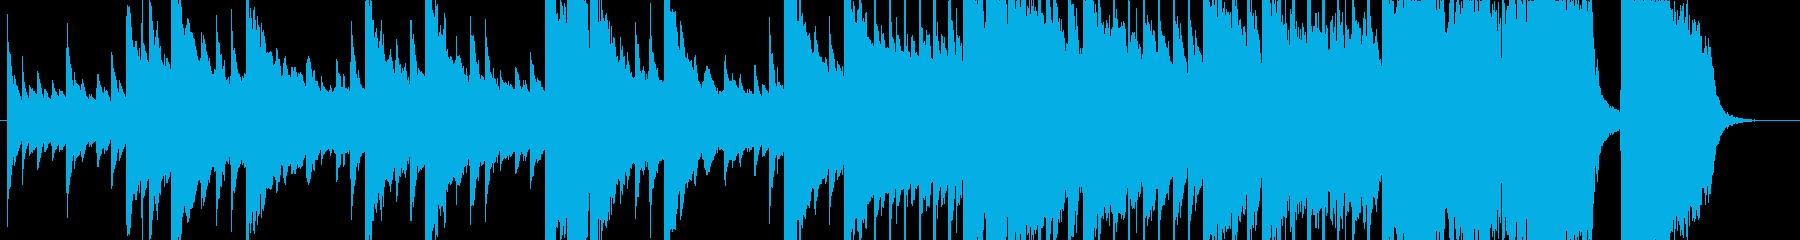 映像、CMに何かが始まる予感ピアノオケの再生済みの波形